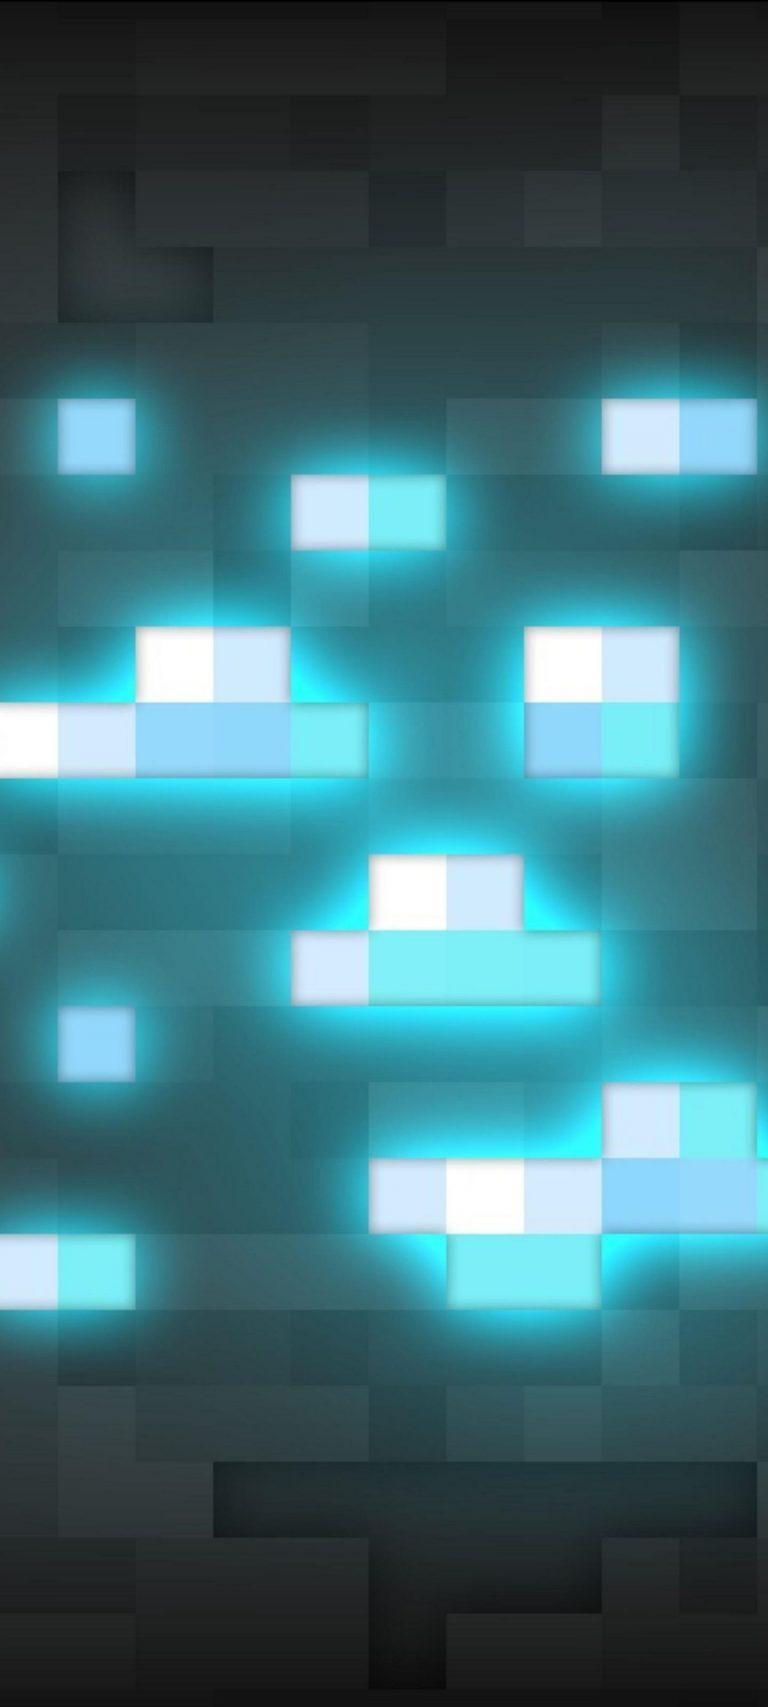 1440x3200 HD Wallpaper 194 768x1707 - 1440x3200 HD Wallpaper - 194